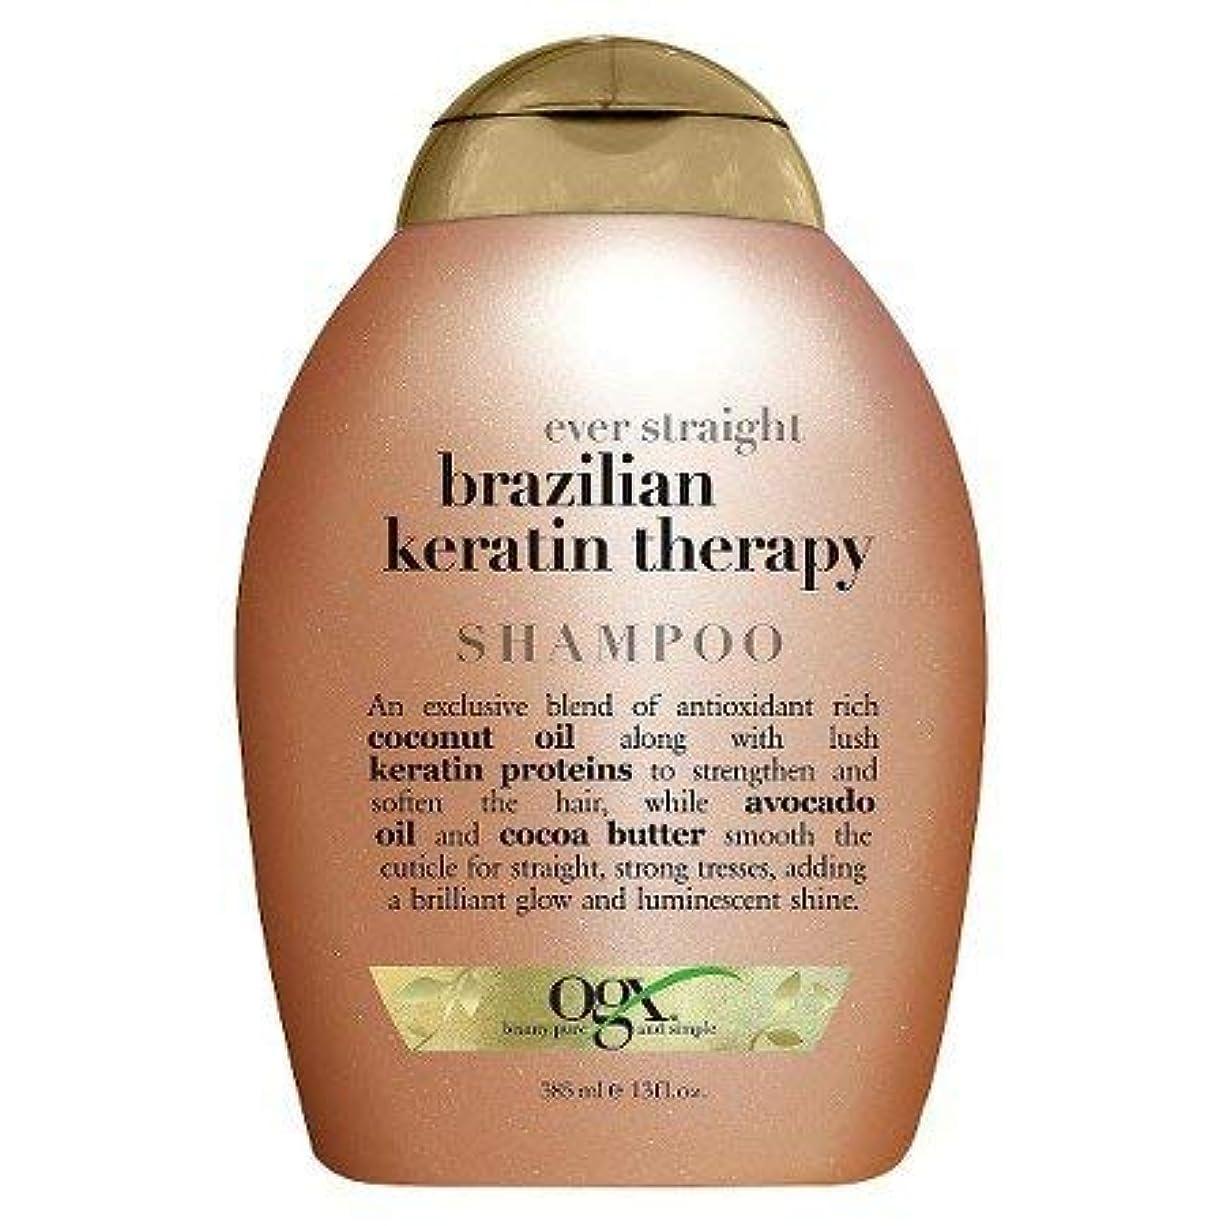 罰熟読選出するOGX Ever Straight Sulfate & Sodium Free Brazilian Keratin Therapy Shampoo 360ml エヴァーストレートブラジルケラチンセラピーシャンプーシャンプー [並行輸入品]